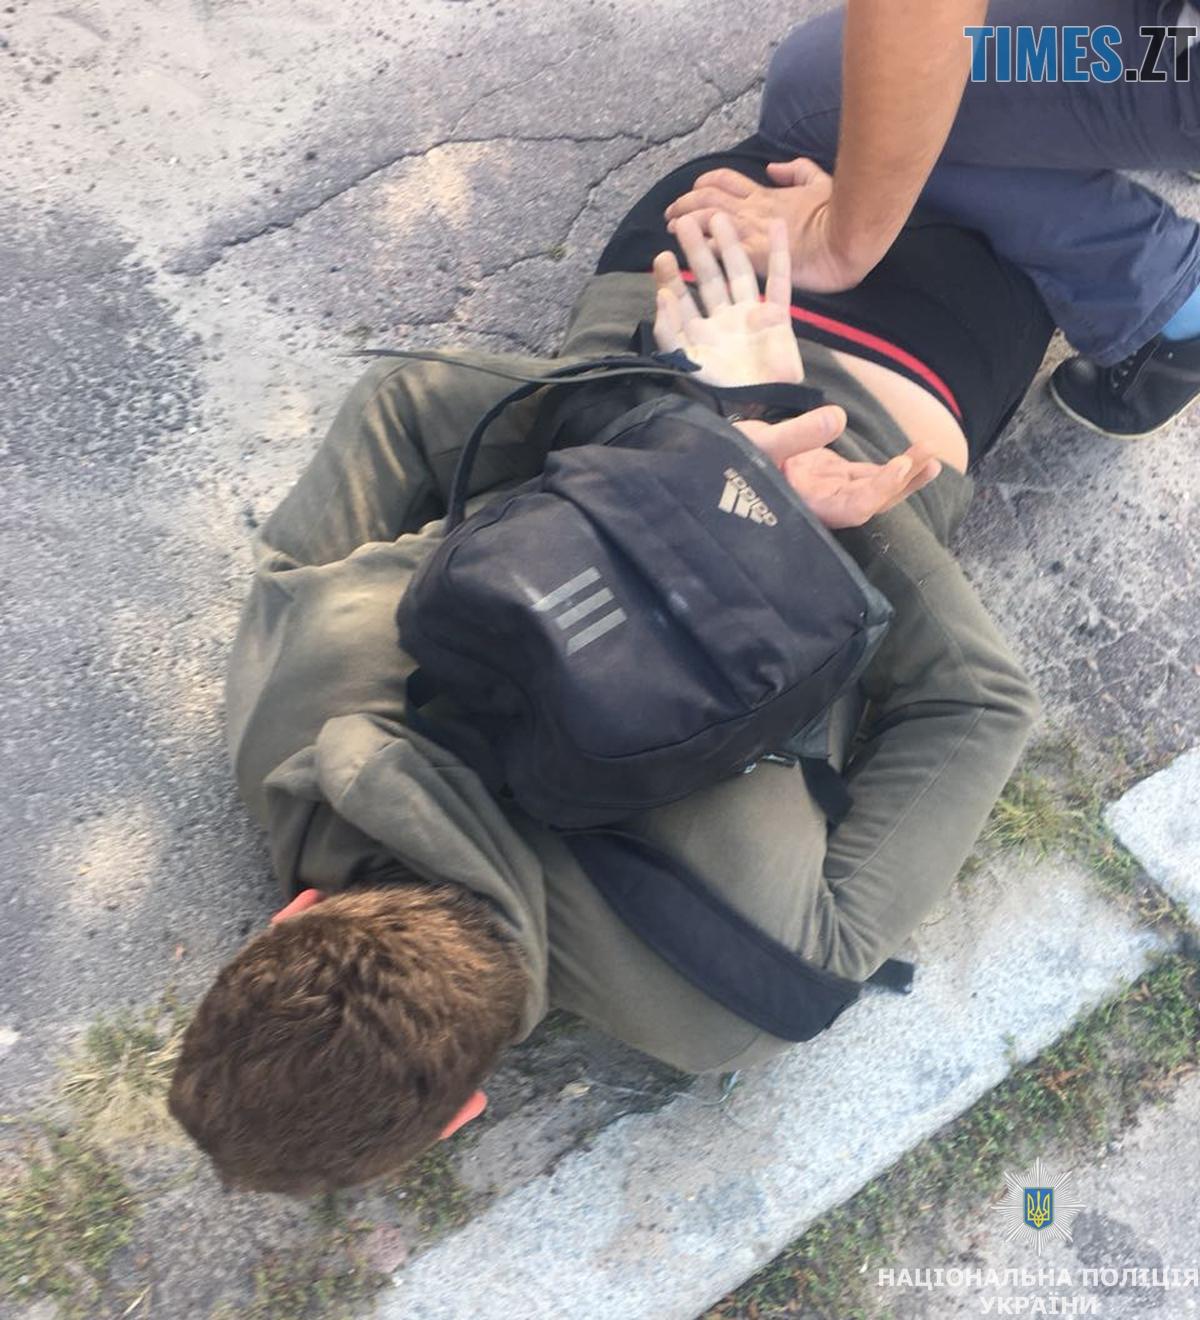 zatrymanyy 2 m - Студентку, яку розшукували у соцмережах, вбили через помсту, – поліція